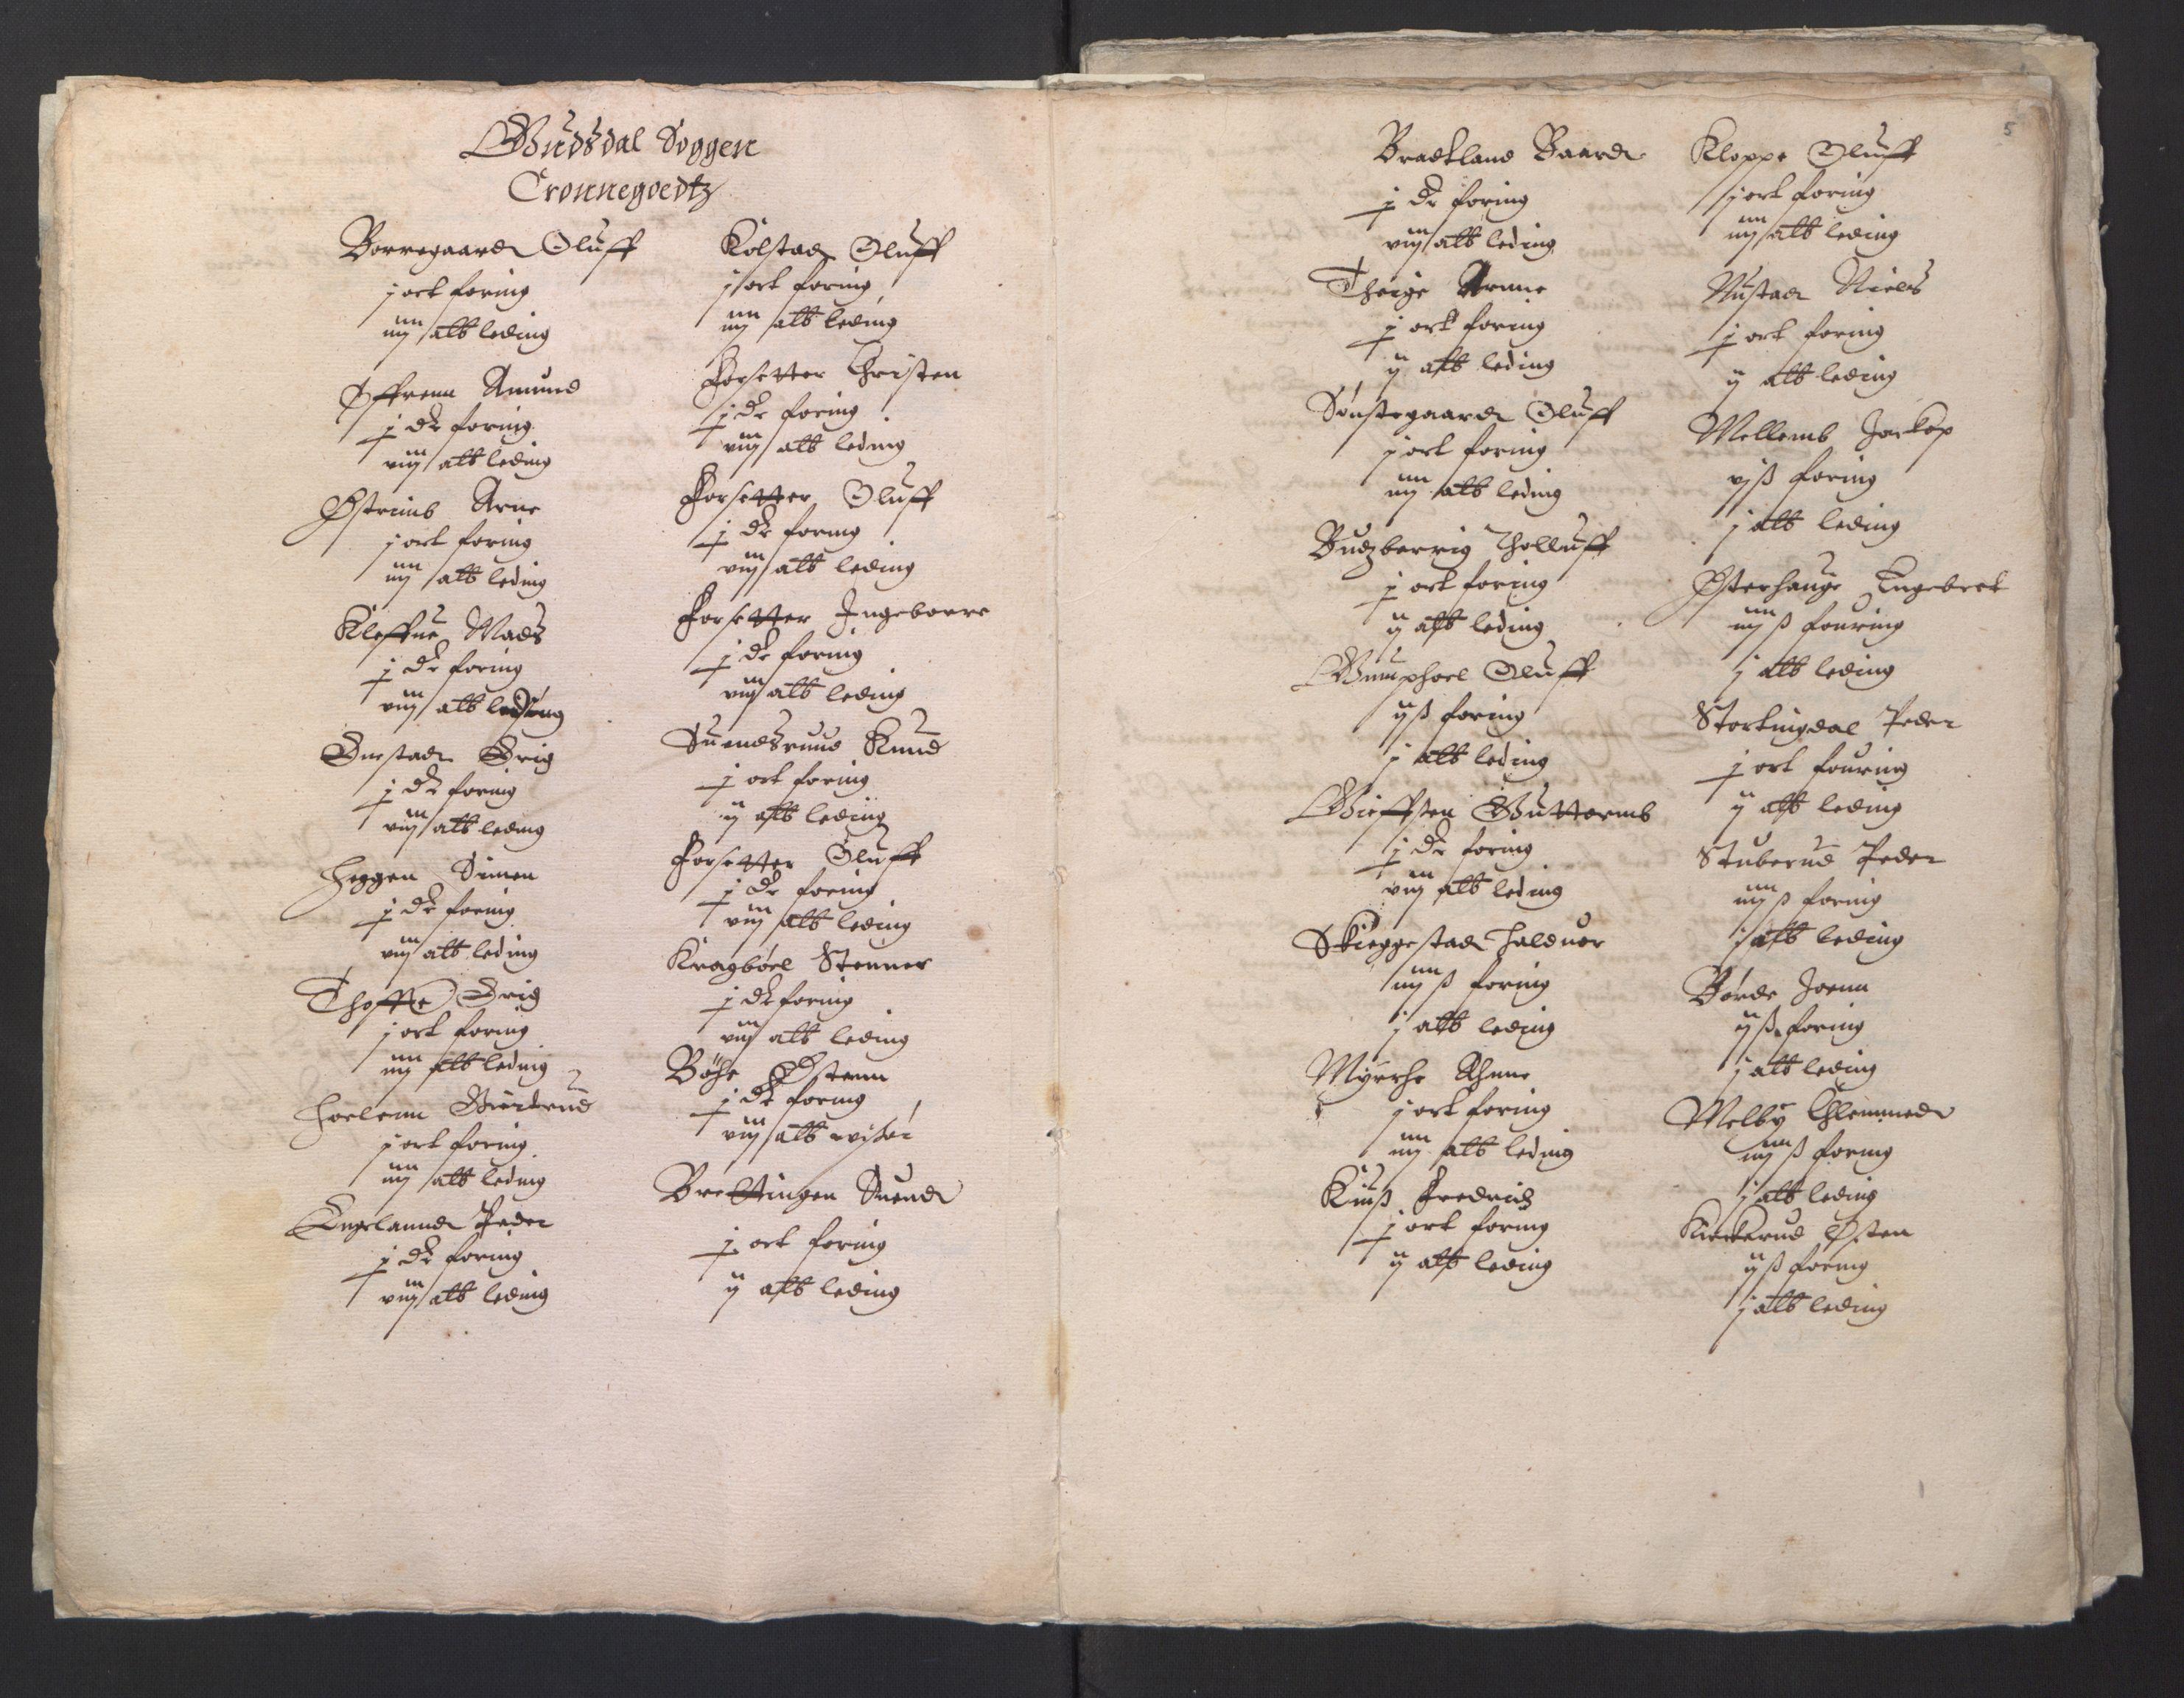 RA, Stattholderembetet 1572-1771, Ek/L0001: Jordebøker før 1624 og til utligning av garnisonsskatt 1624-1626:, 1624-1625, s. 7